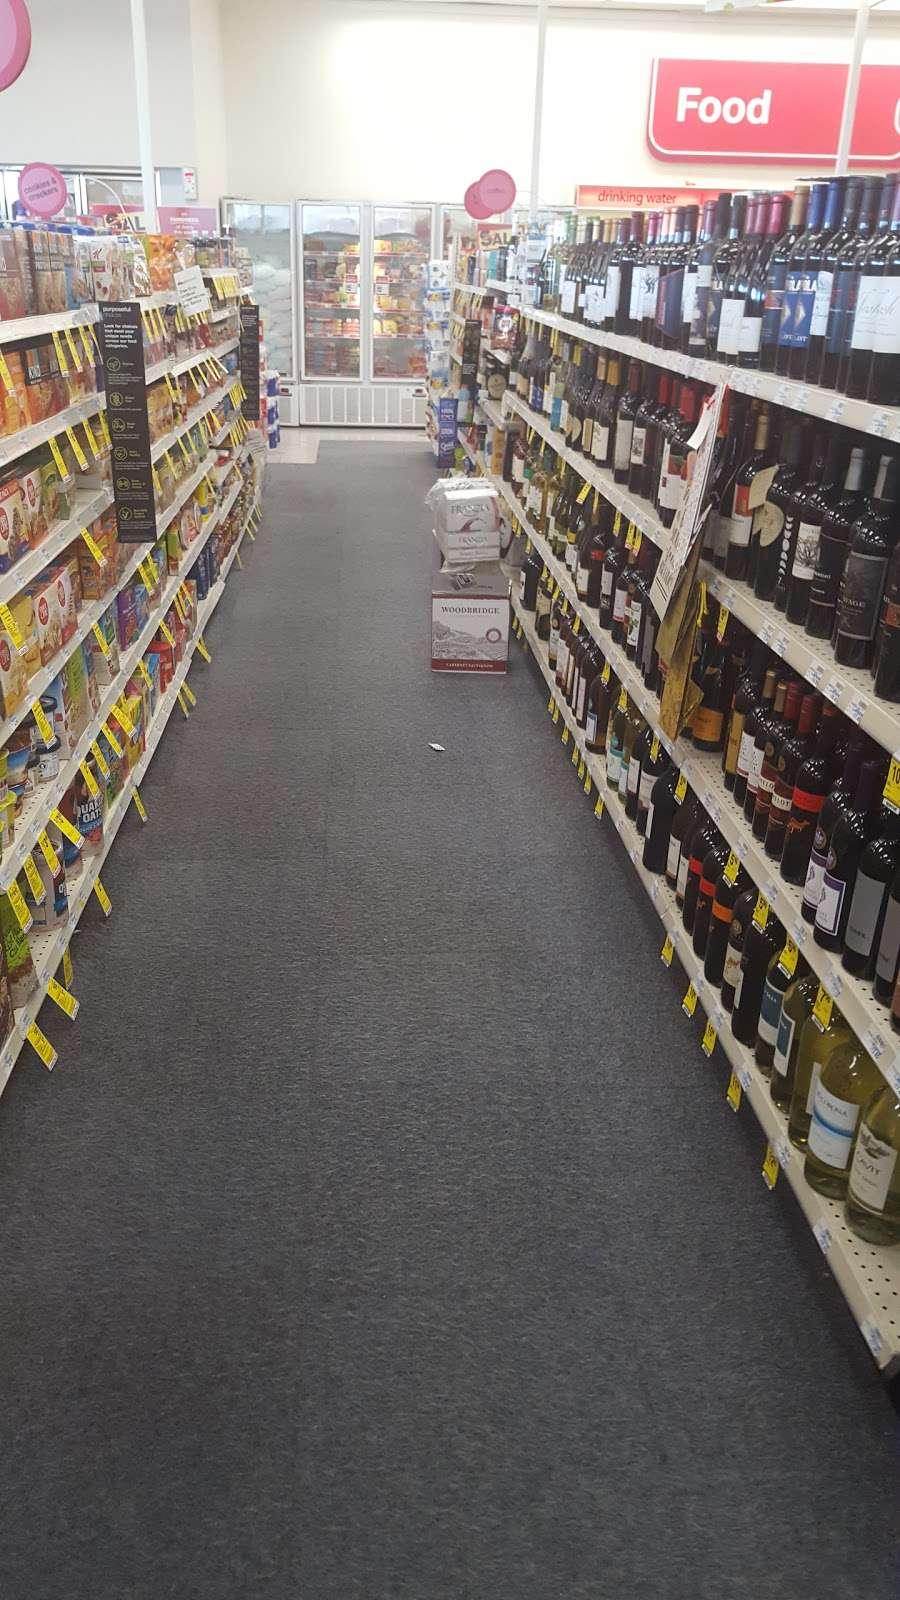 CVS - convenience store  | Photo 8 of 12 | Address: 904 E Cartwright Rd, Mesquite, TX 75149, USA | Phone: (972) 222-3404